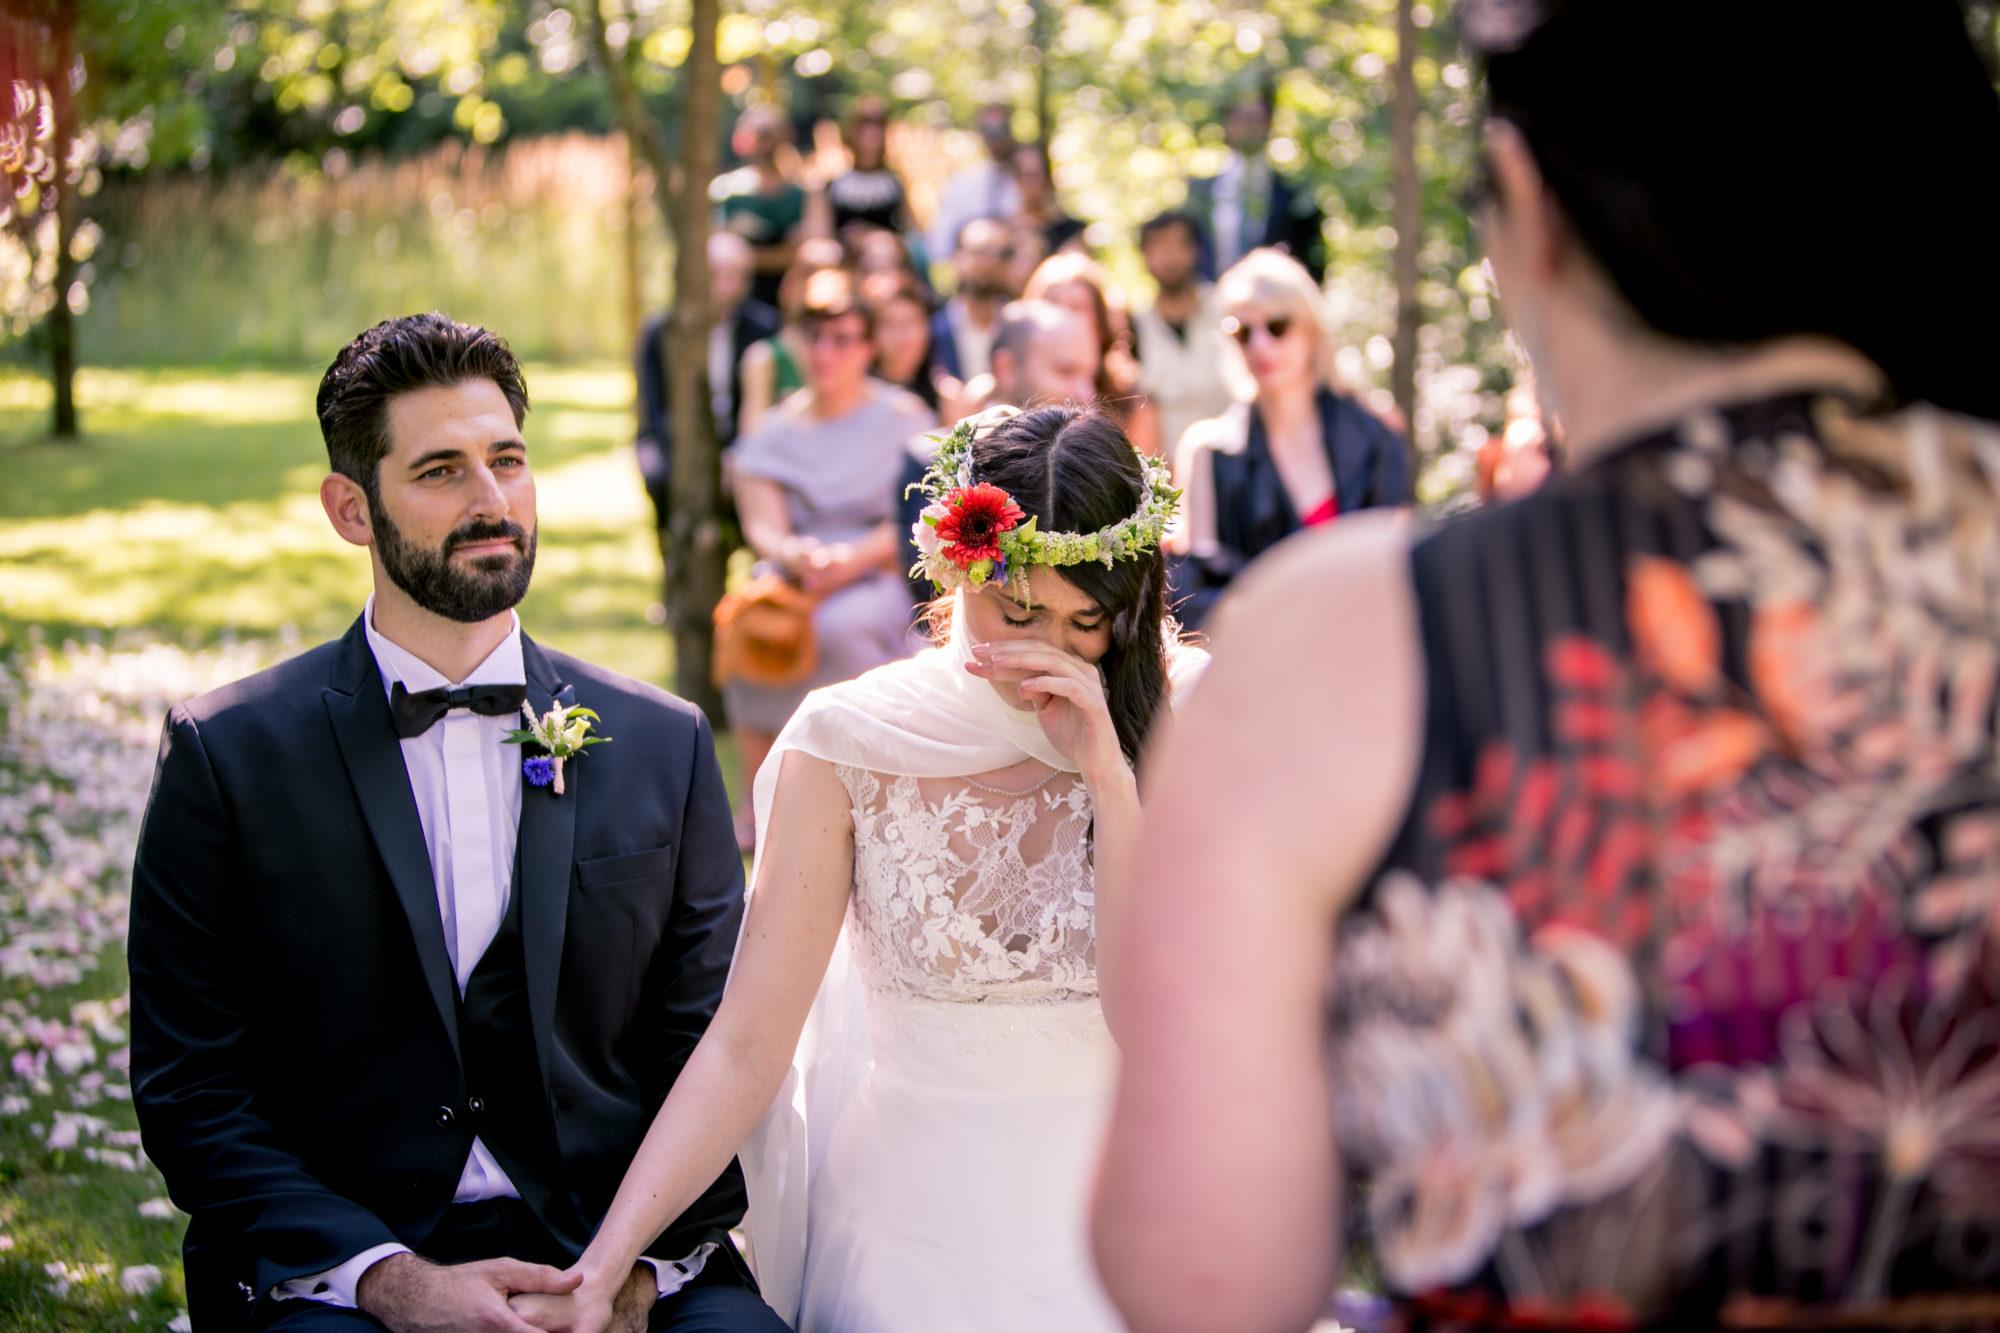 0014_gilberti_ricca_convento_annunciata_fotografi_matrimonio